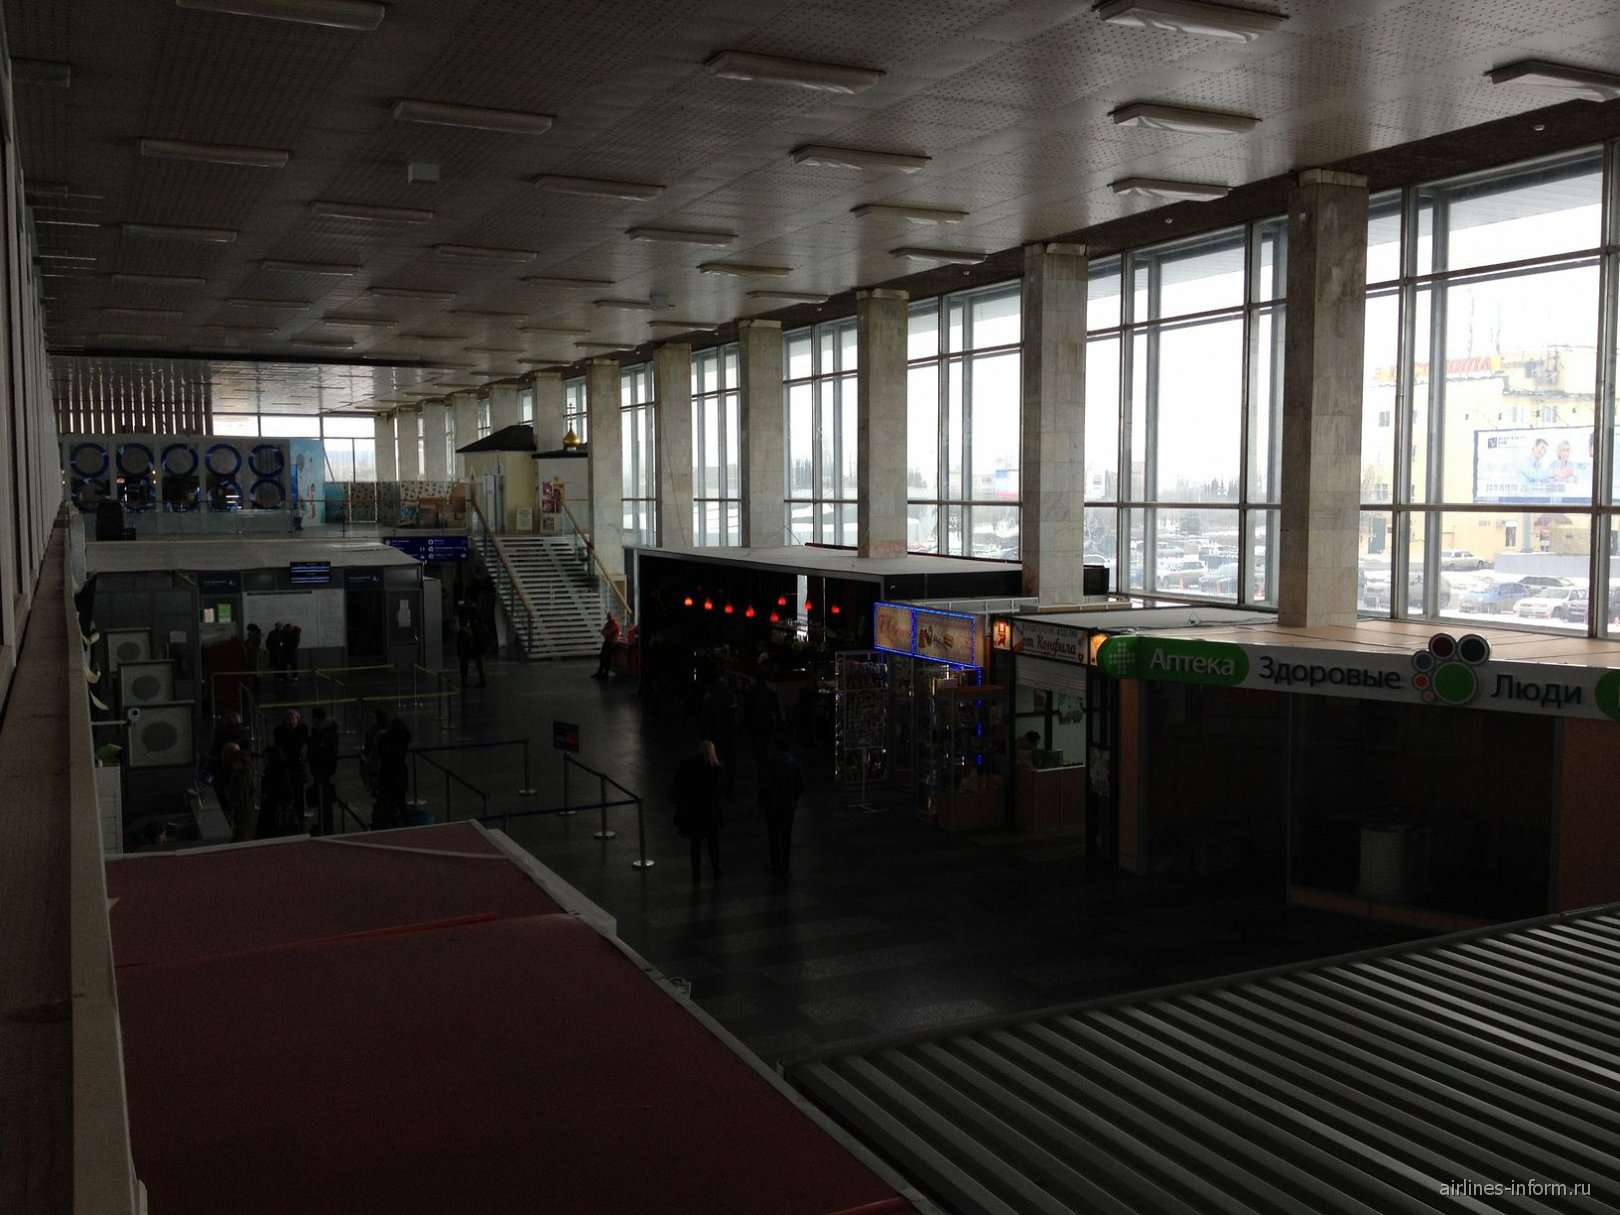 Первый этаж аэровокзала аэропорта Волгоград Гумрак